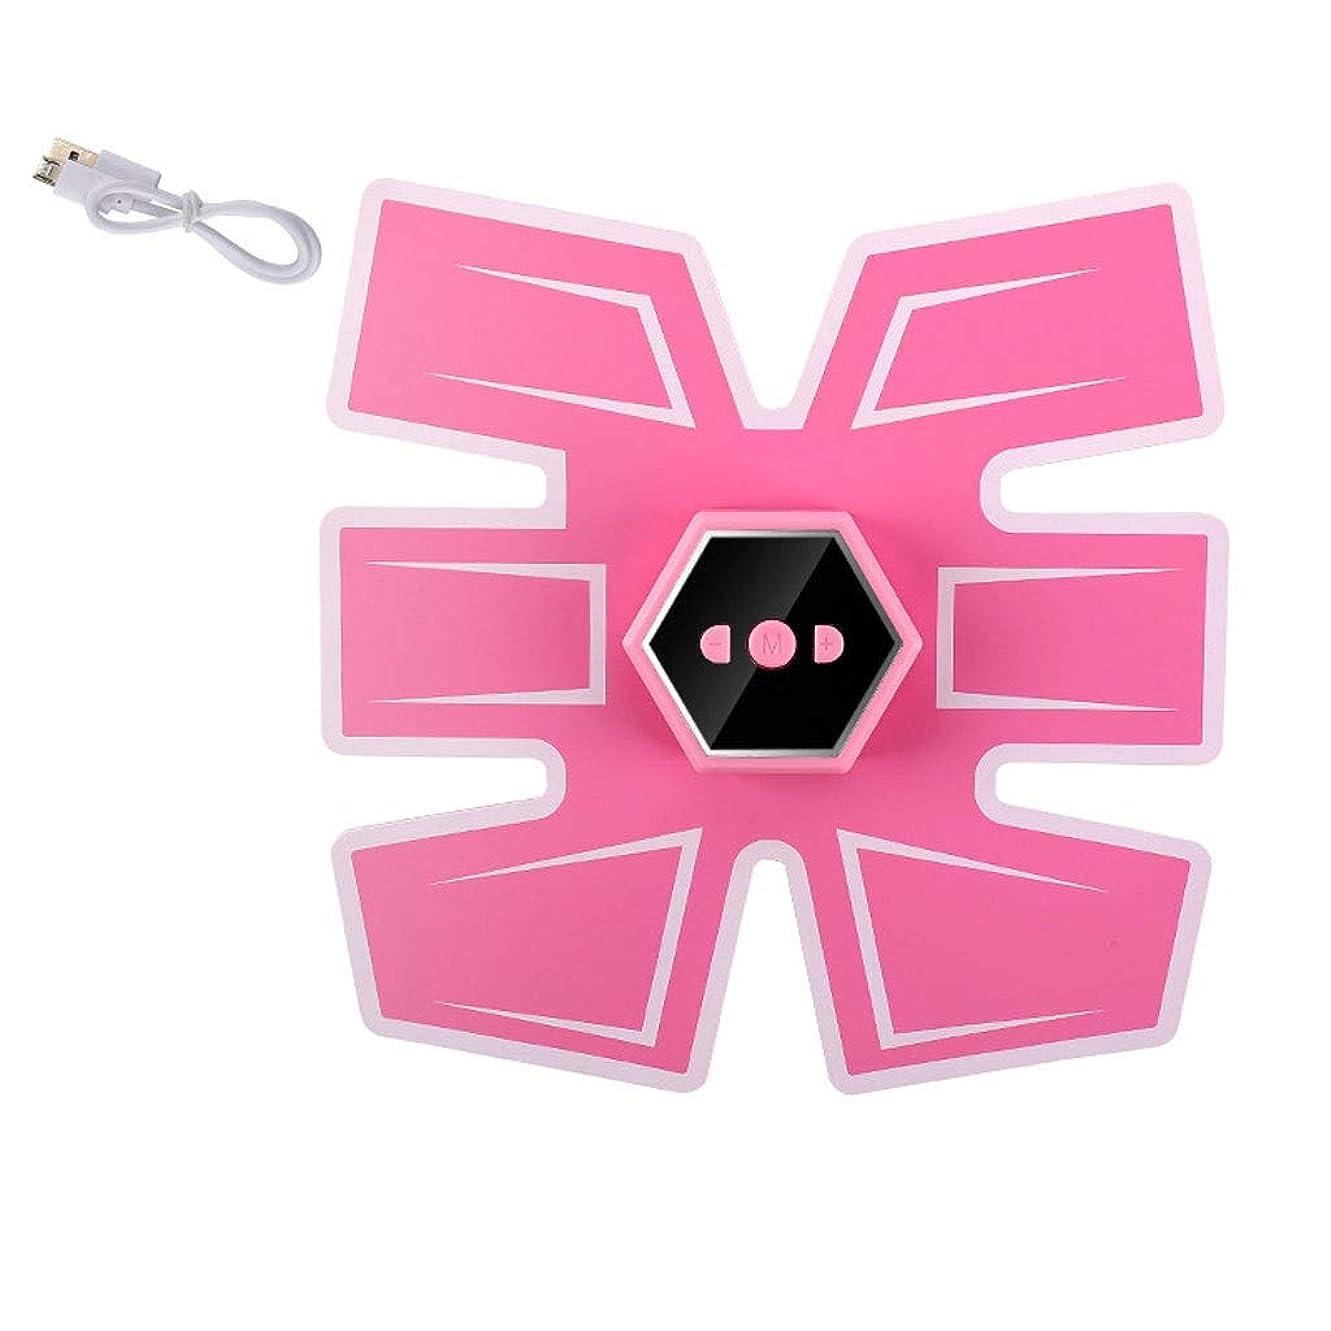 ノイズ戦う眠いです腹筋刺激装置、インテリジェントな音声ブロードキャストとUSB充電、Esther Beauty EMSトレーナー筋肉トナー腹部調色ベルトフィットネス機器 (Color : Ordinary-Pink, Size : B)